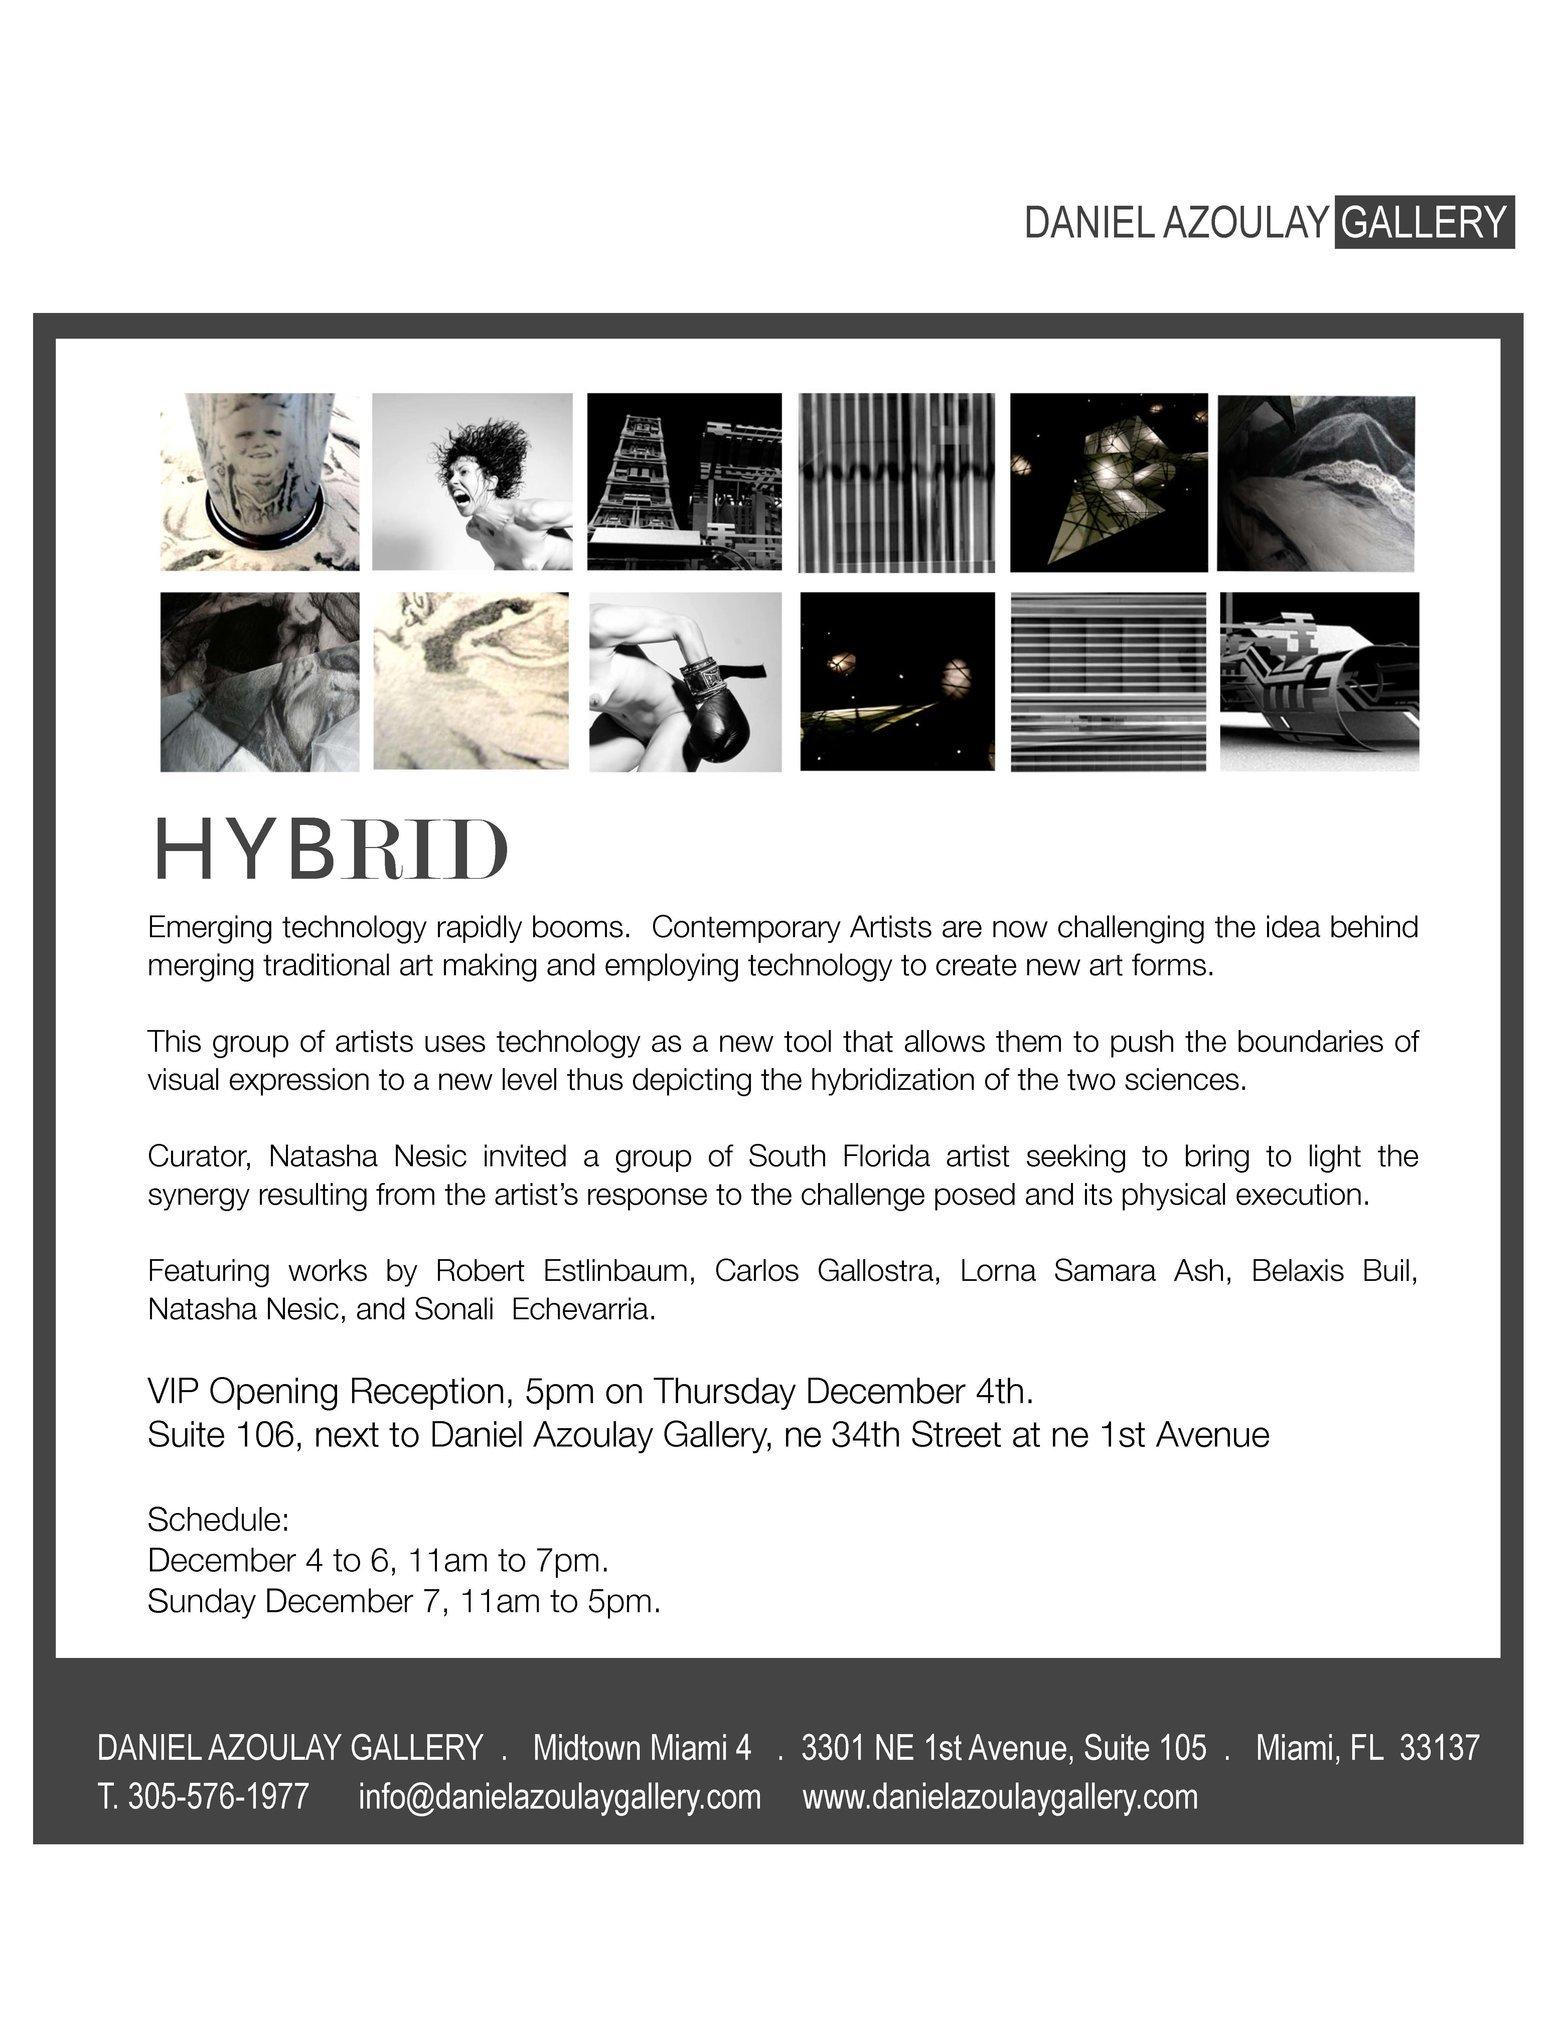 0001_DAG- Hybrid_Release.jpg